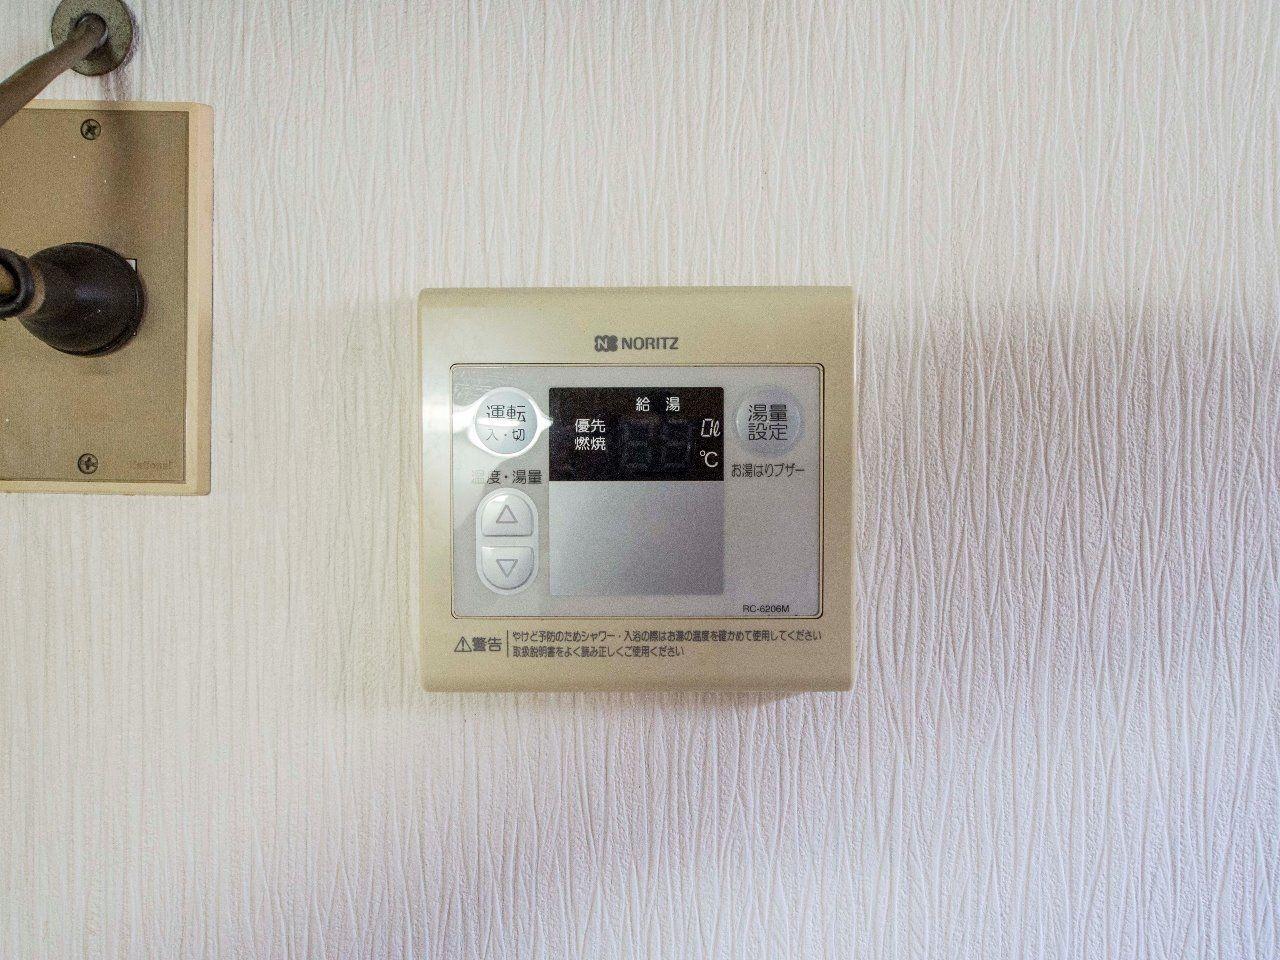 温度が設定できる給湯リモコン